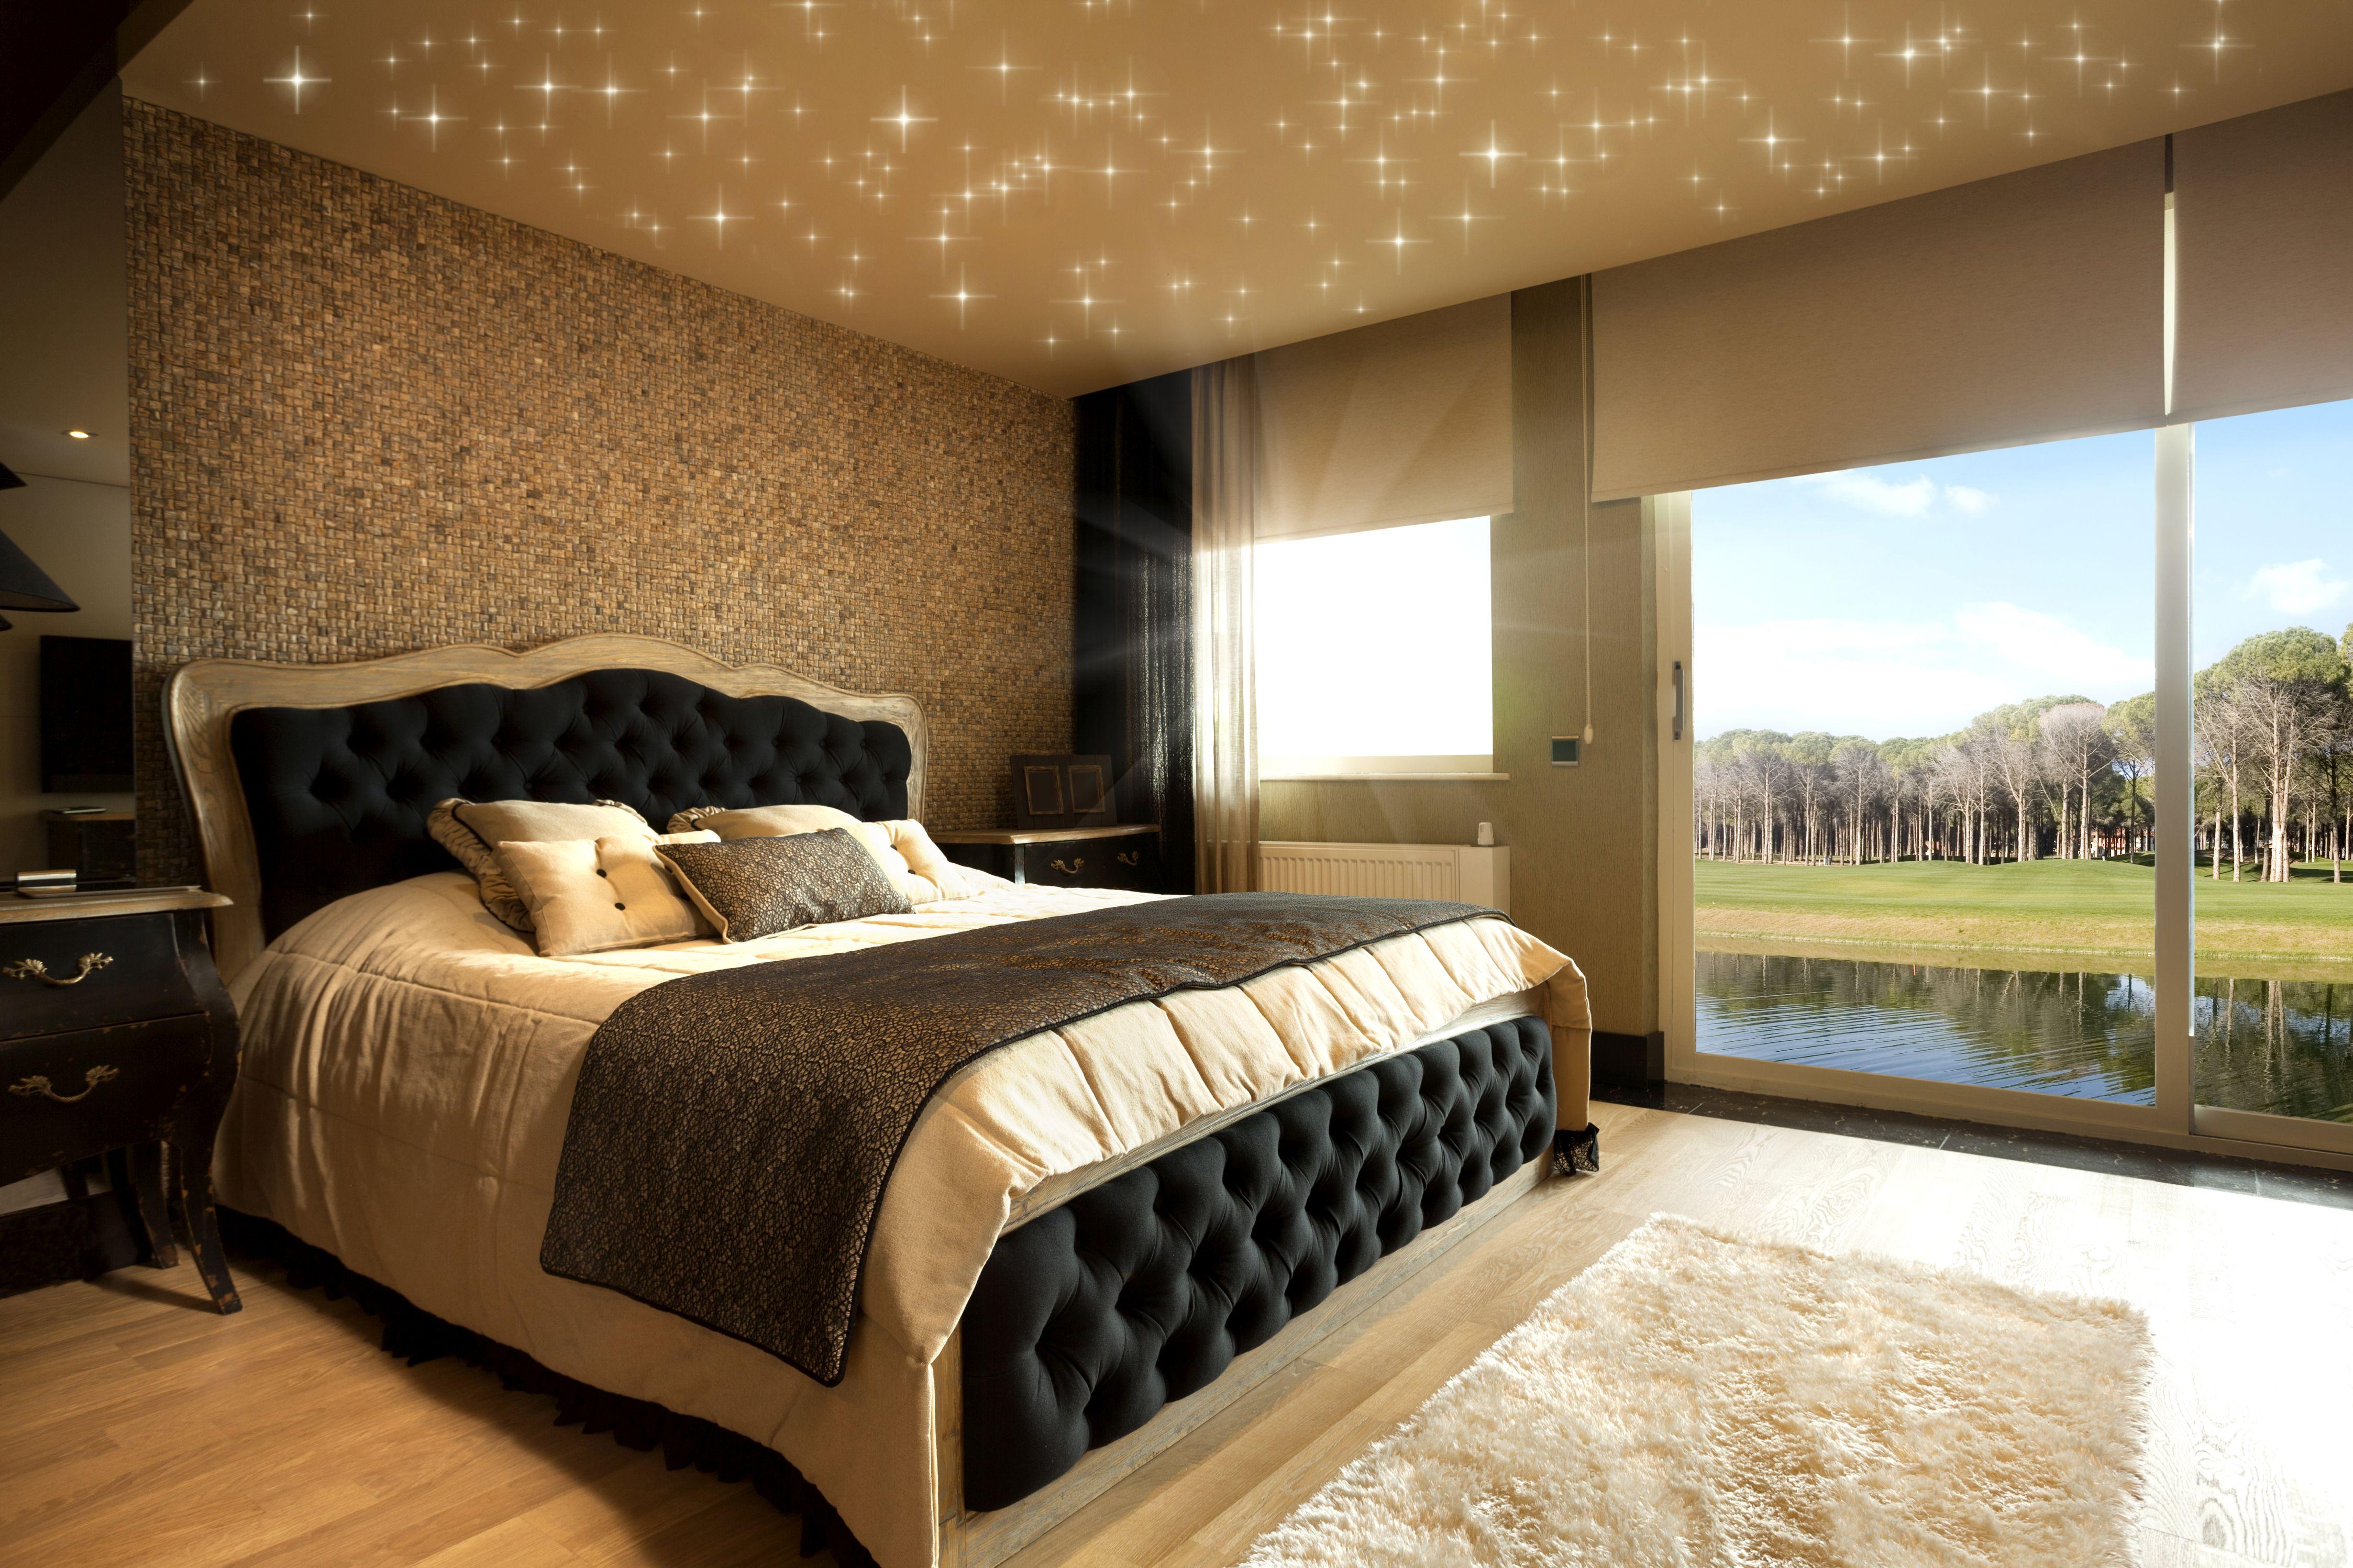 Schlafzimmer - sternen-himmel.com - Wir holen Ihnen die Sterne vom ...